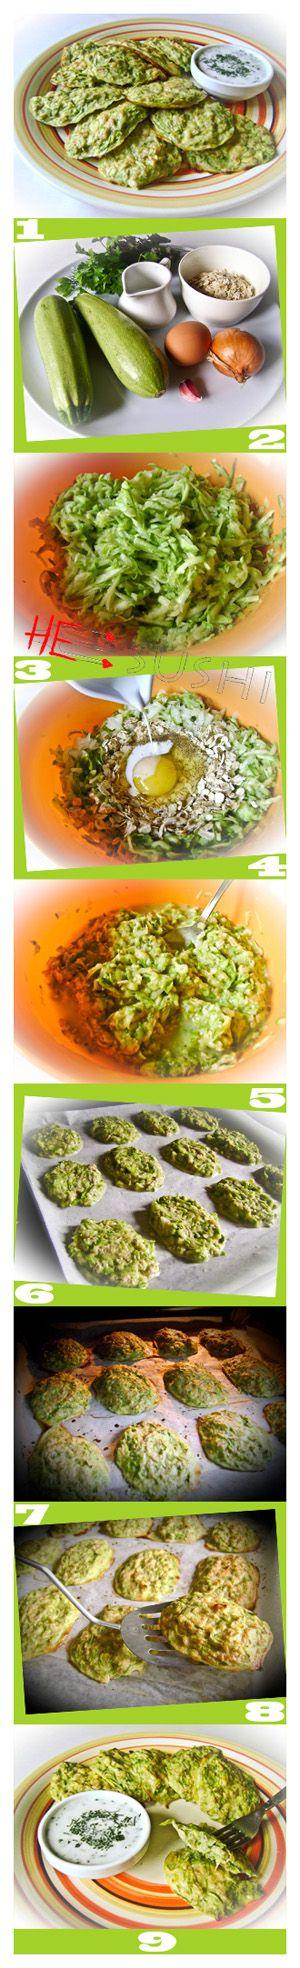 Оригинальный рецепт приготовления оладий из кабачков - с овсяными хлопьями, в духовке.